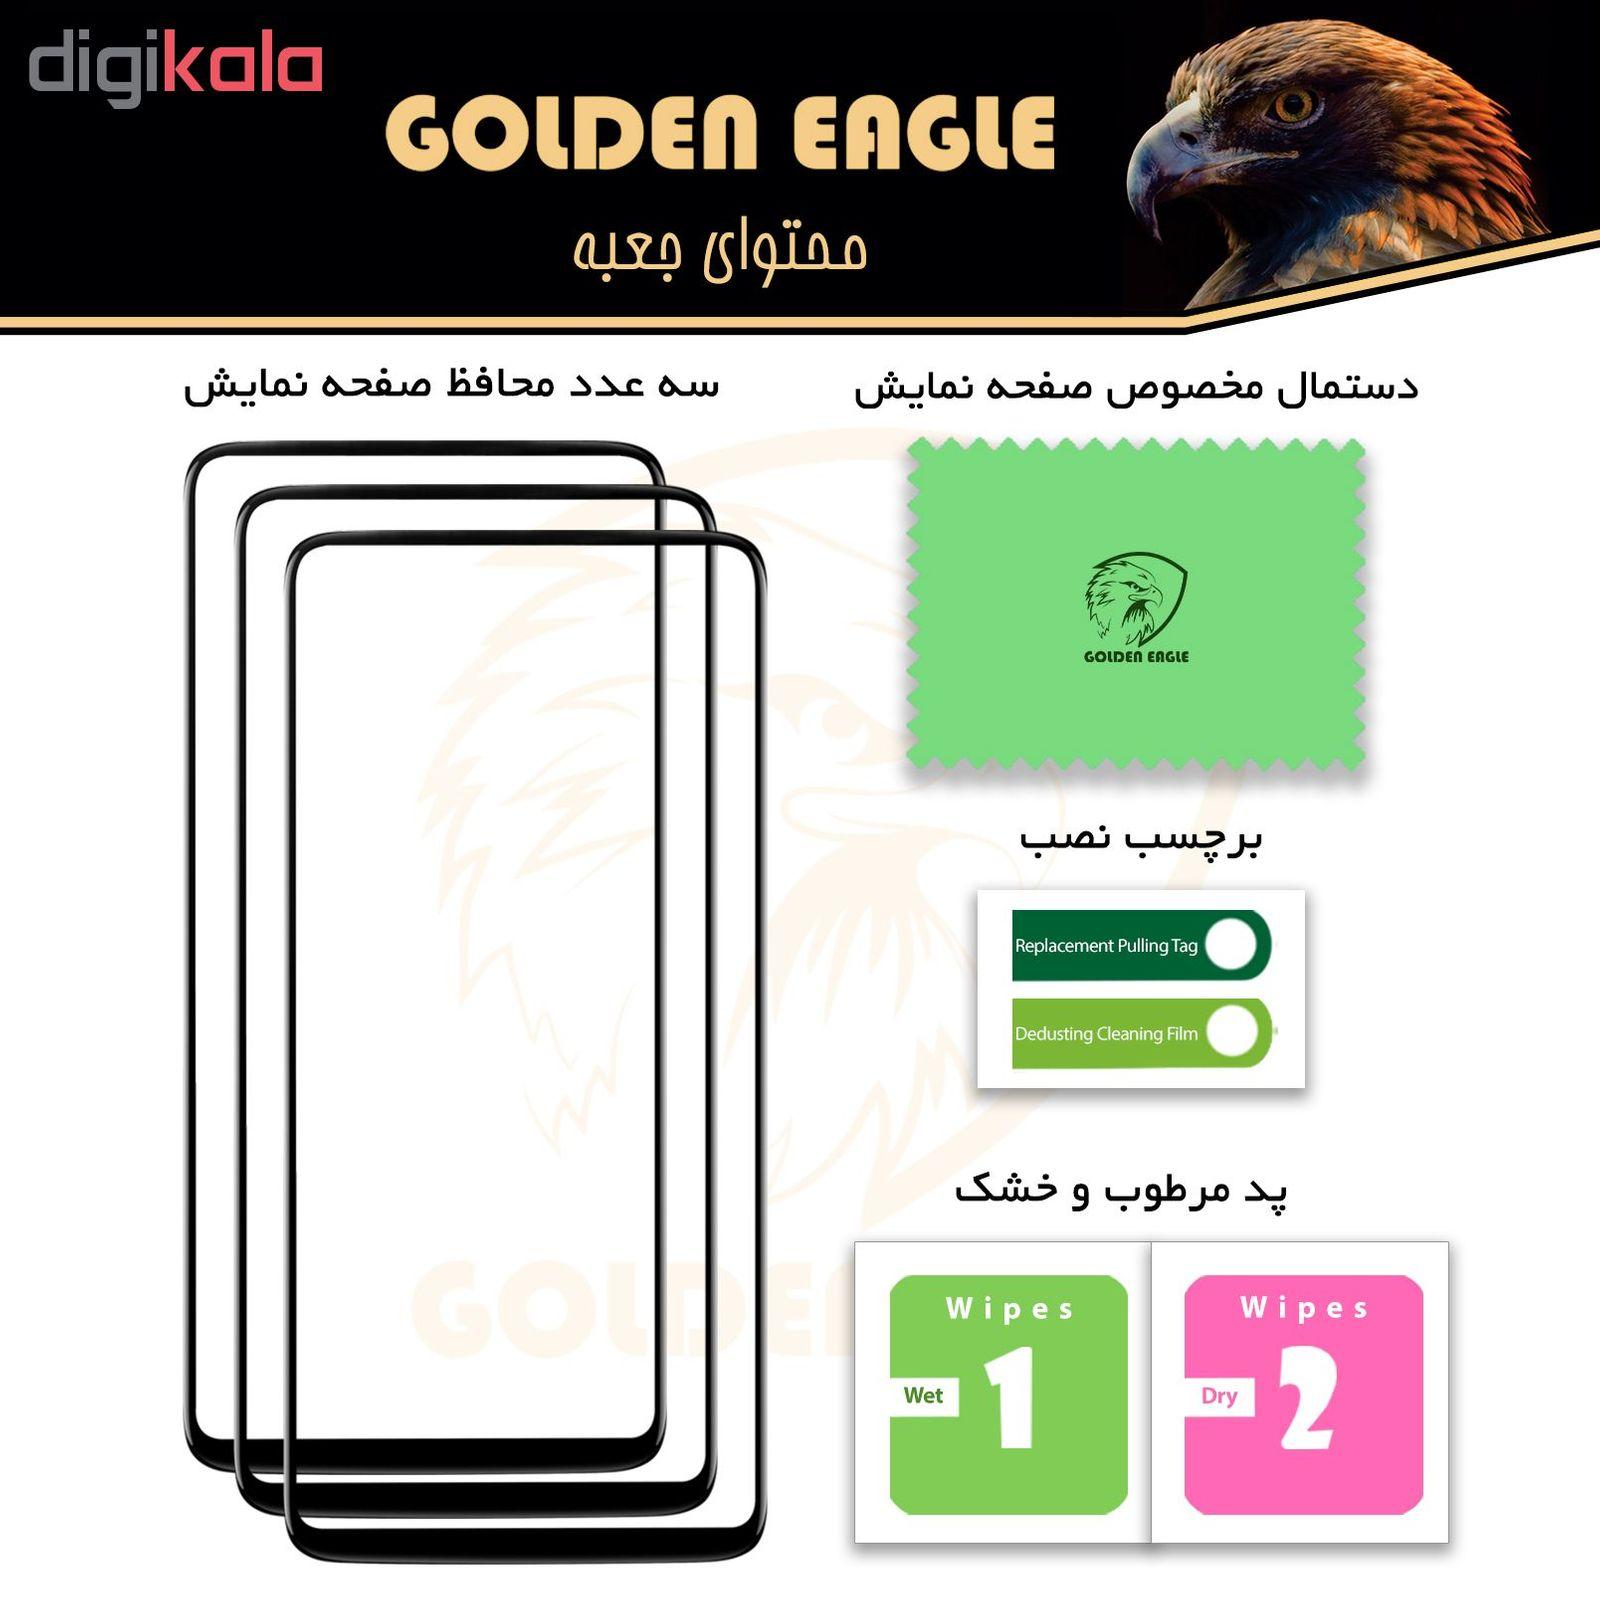 محافظ صفحه نمایش گلدن ایگل مدل GLC-X3 مناسب برای گوشی موبایل سامسونگ Galaxy A50 بسته سه عددی main 1 2